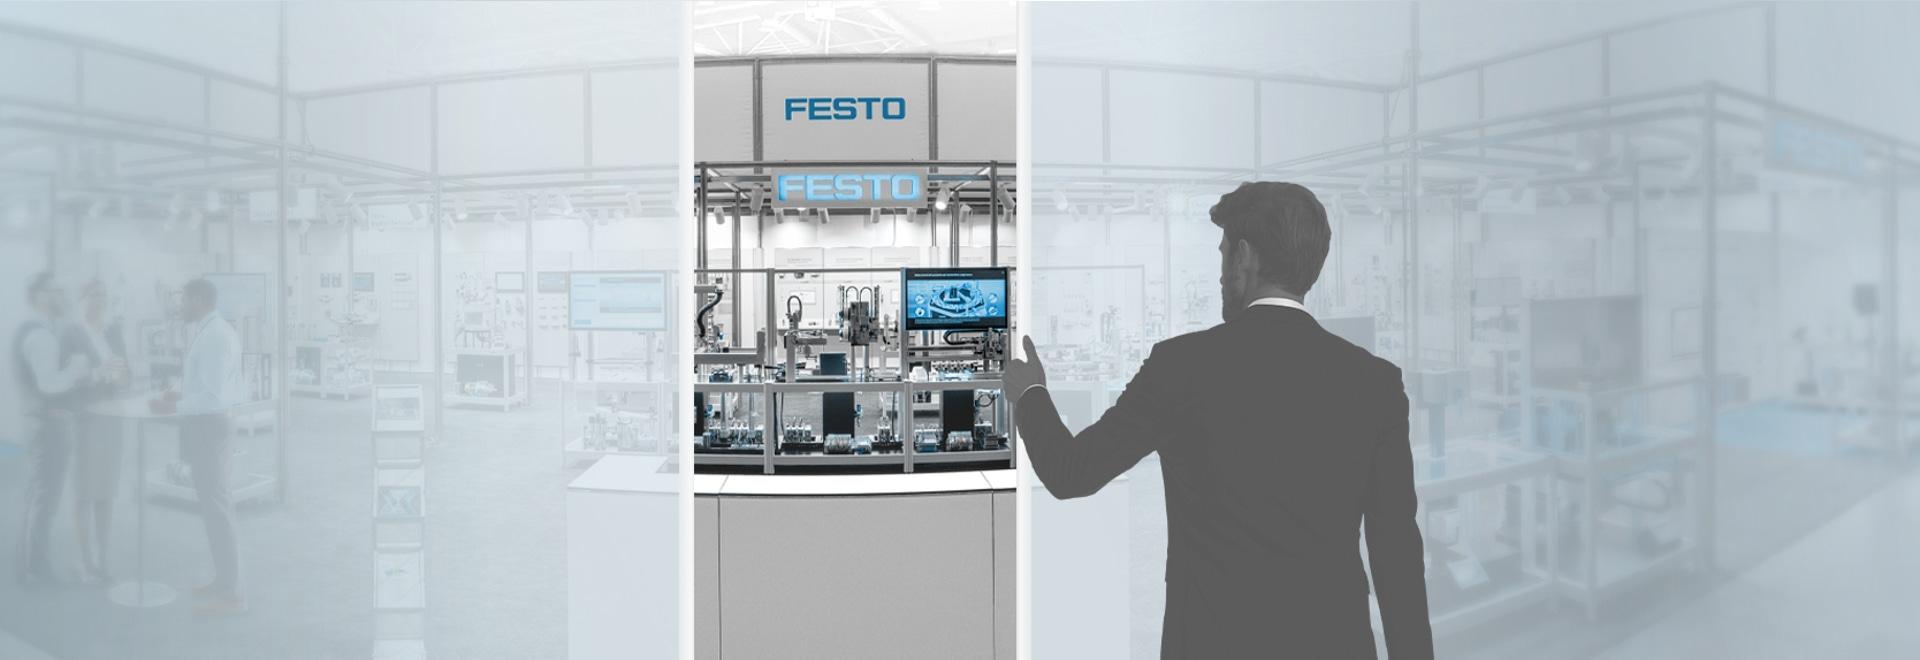 Exposition virtuelle Festo